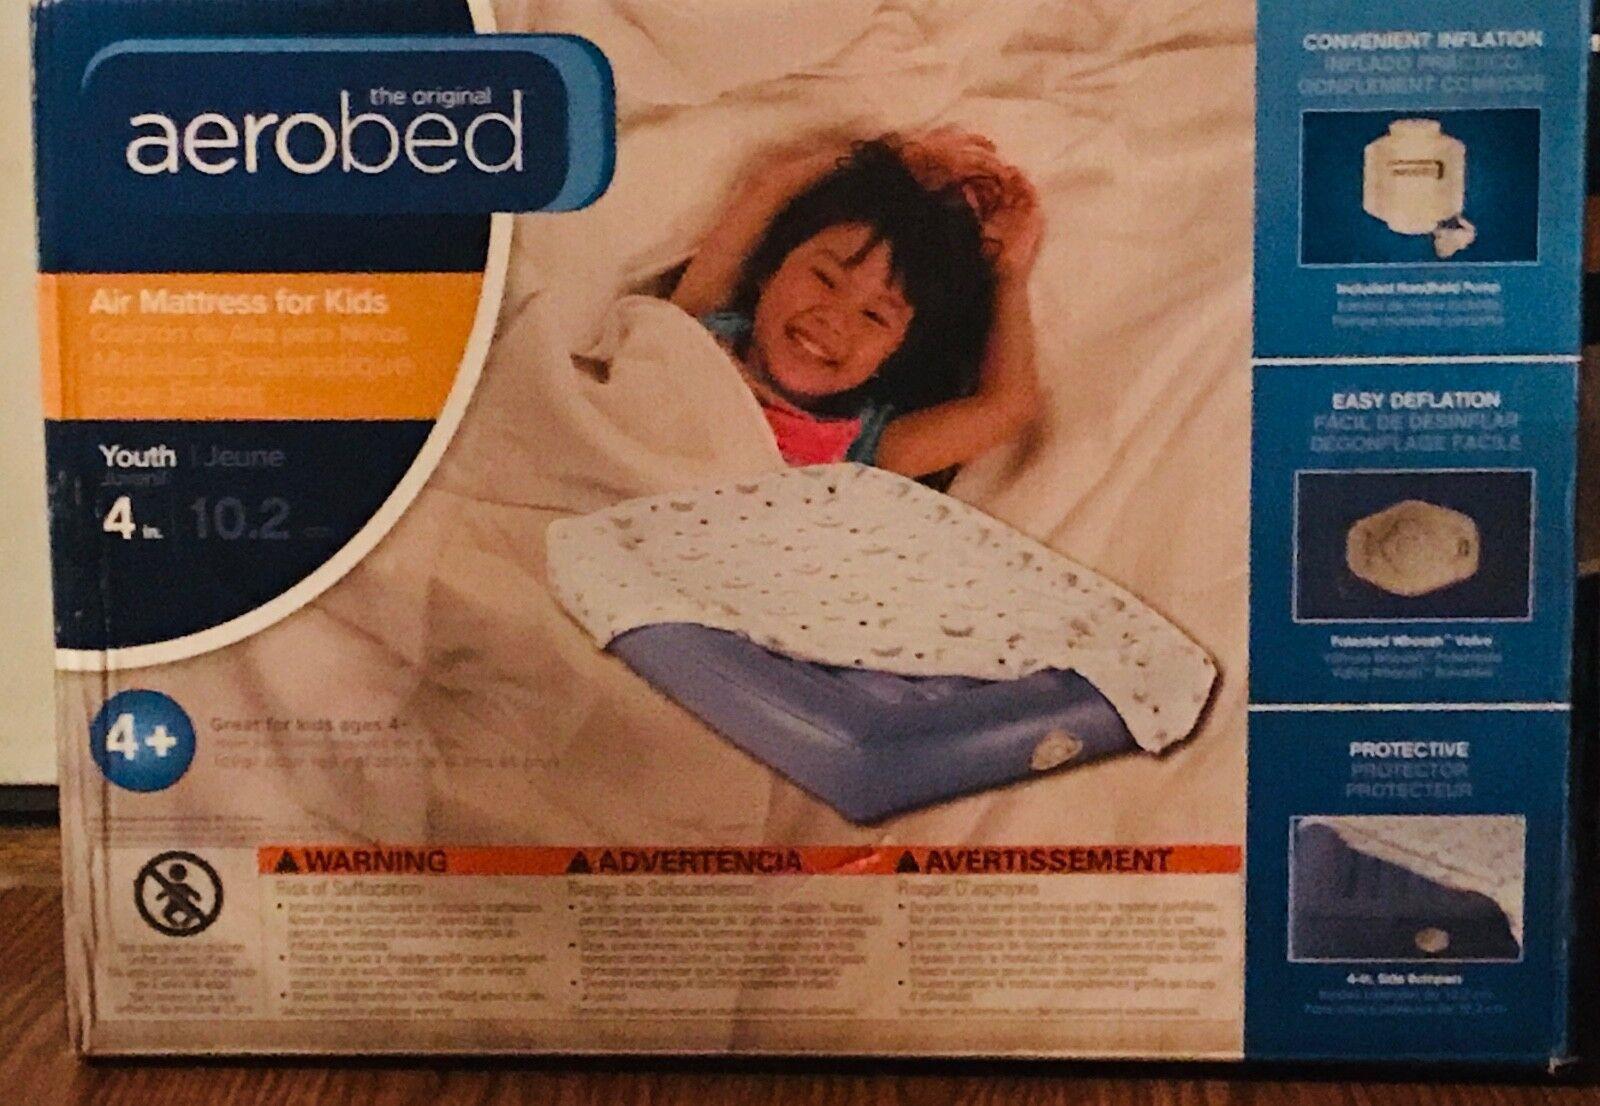 bed 4 air mattress for kids